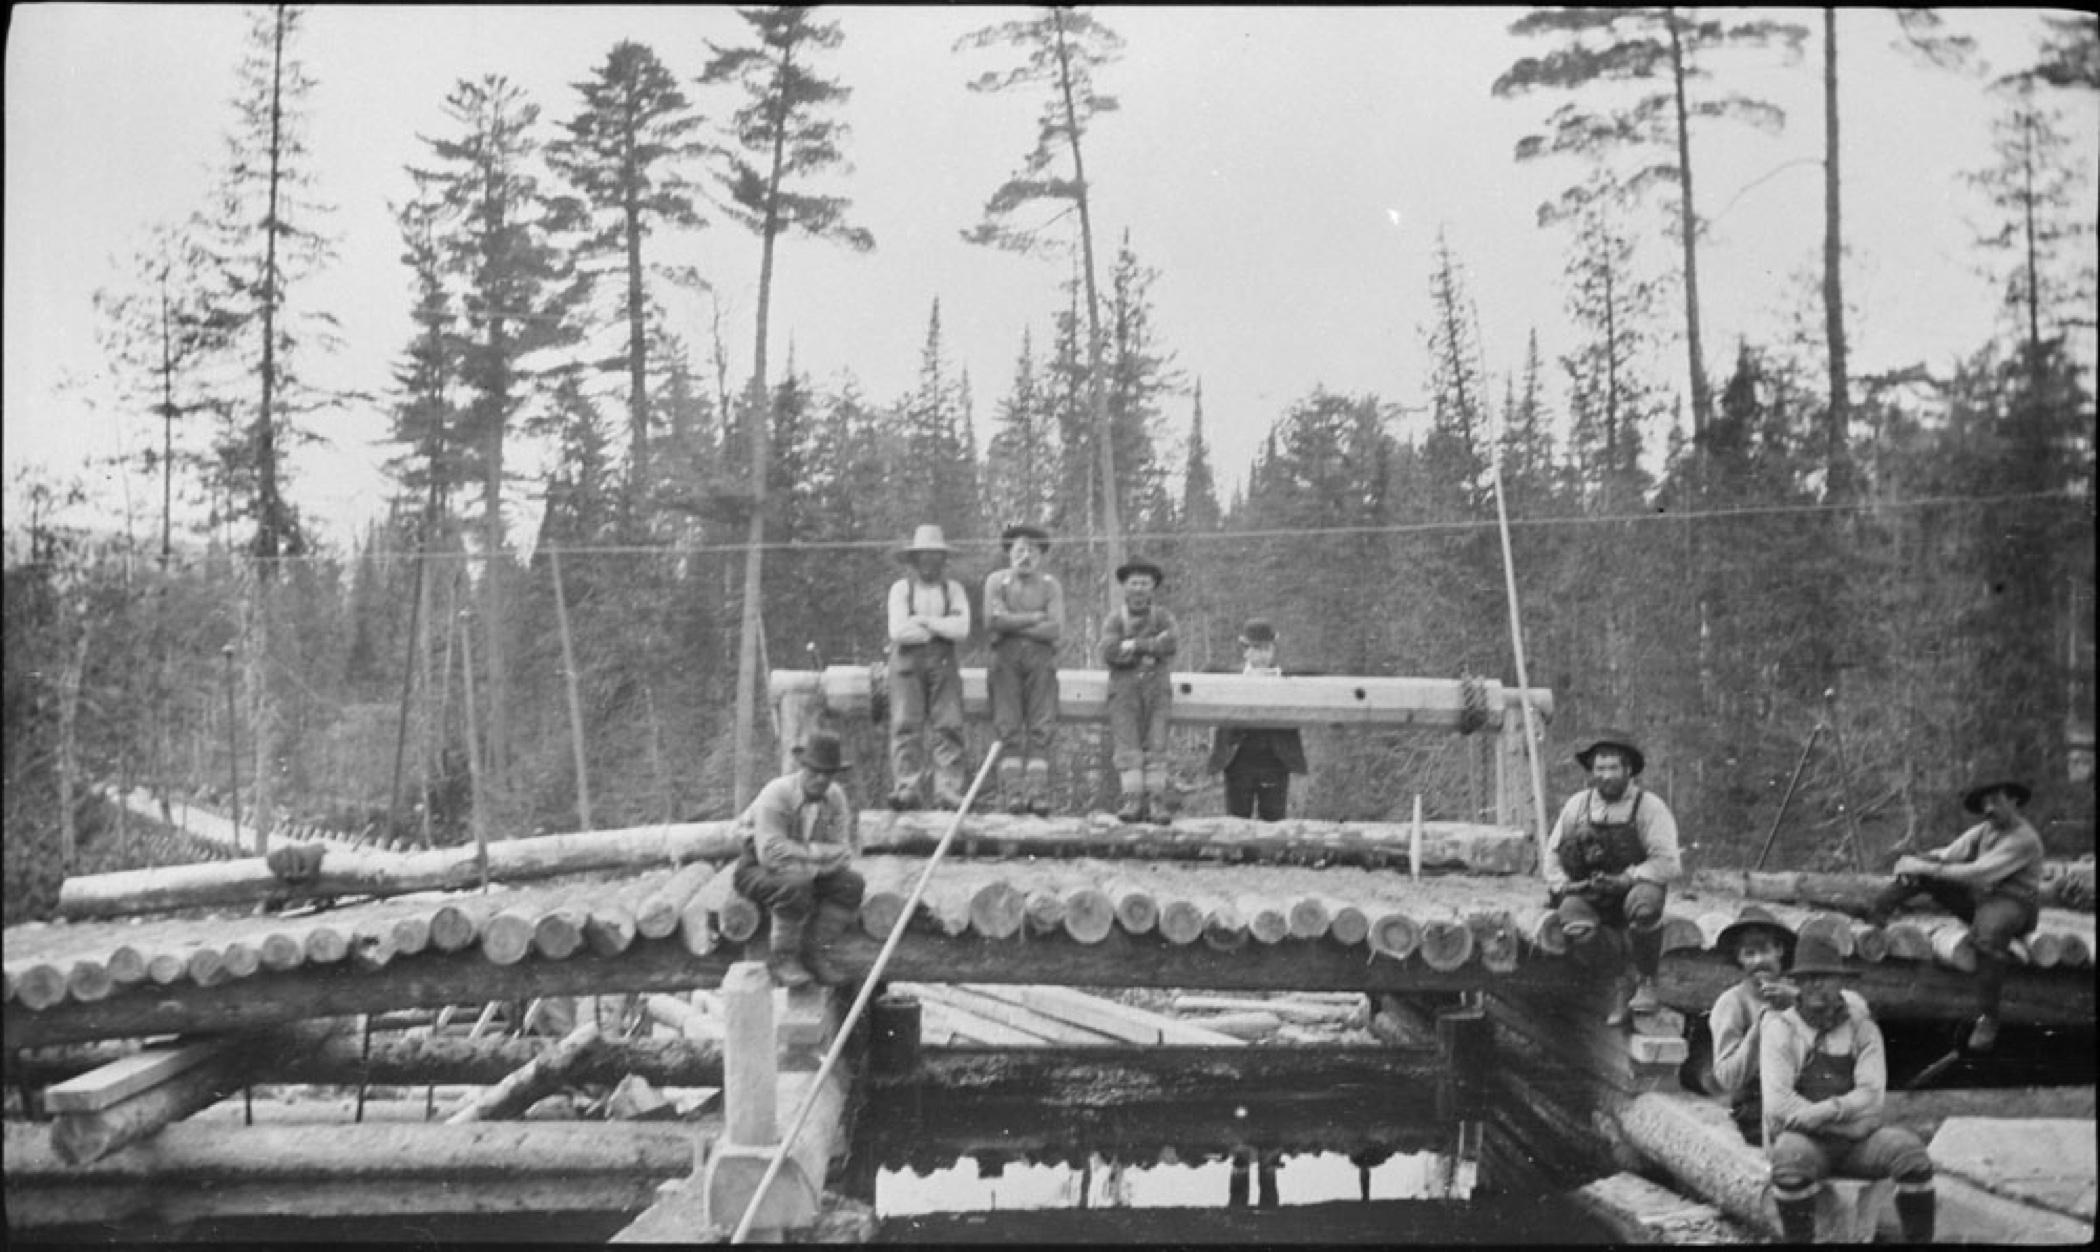 Photo noir et blanc montrant neuf ouvriers vêtus d'une salopette, d'une chemise de travail et coiffés d'un chapeau, assis sur une glissière à bois supportant une rangée de billots. En arrière-plan se dressent de grands arbres.